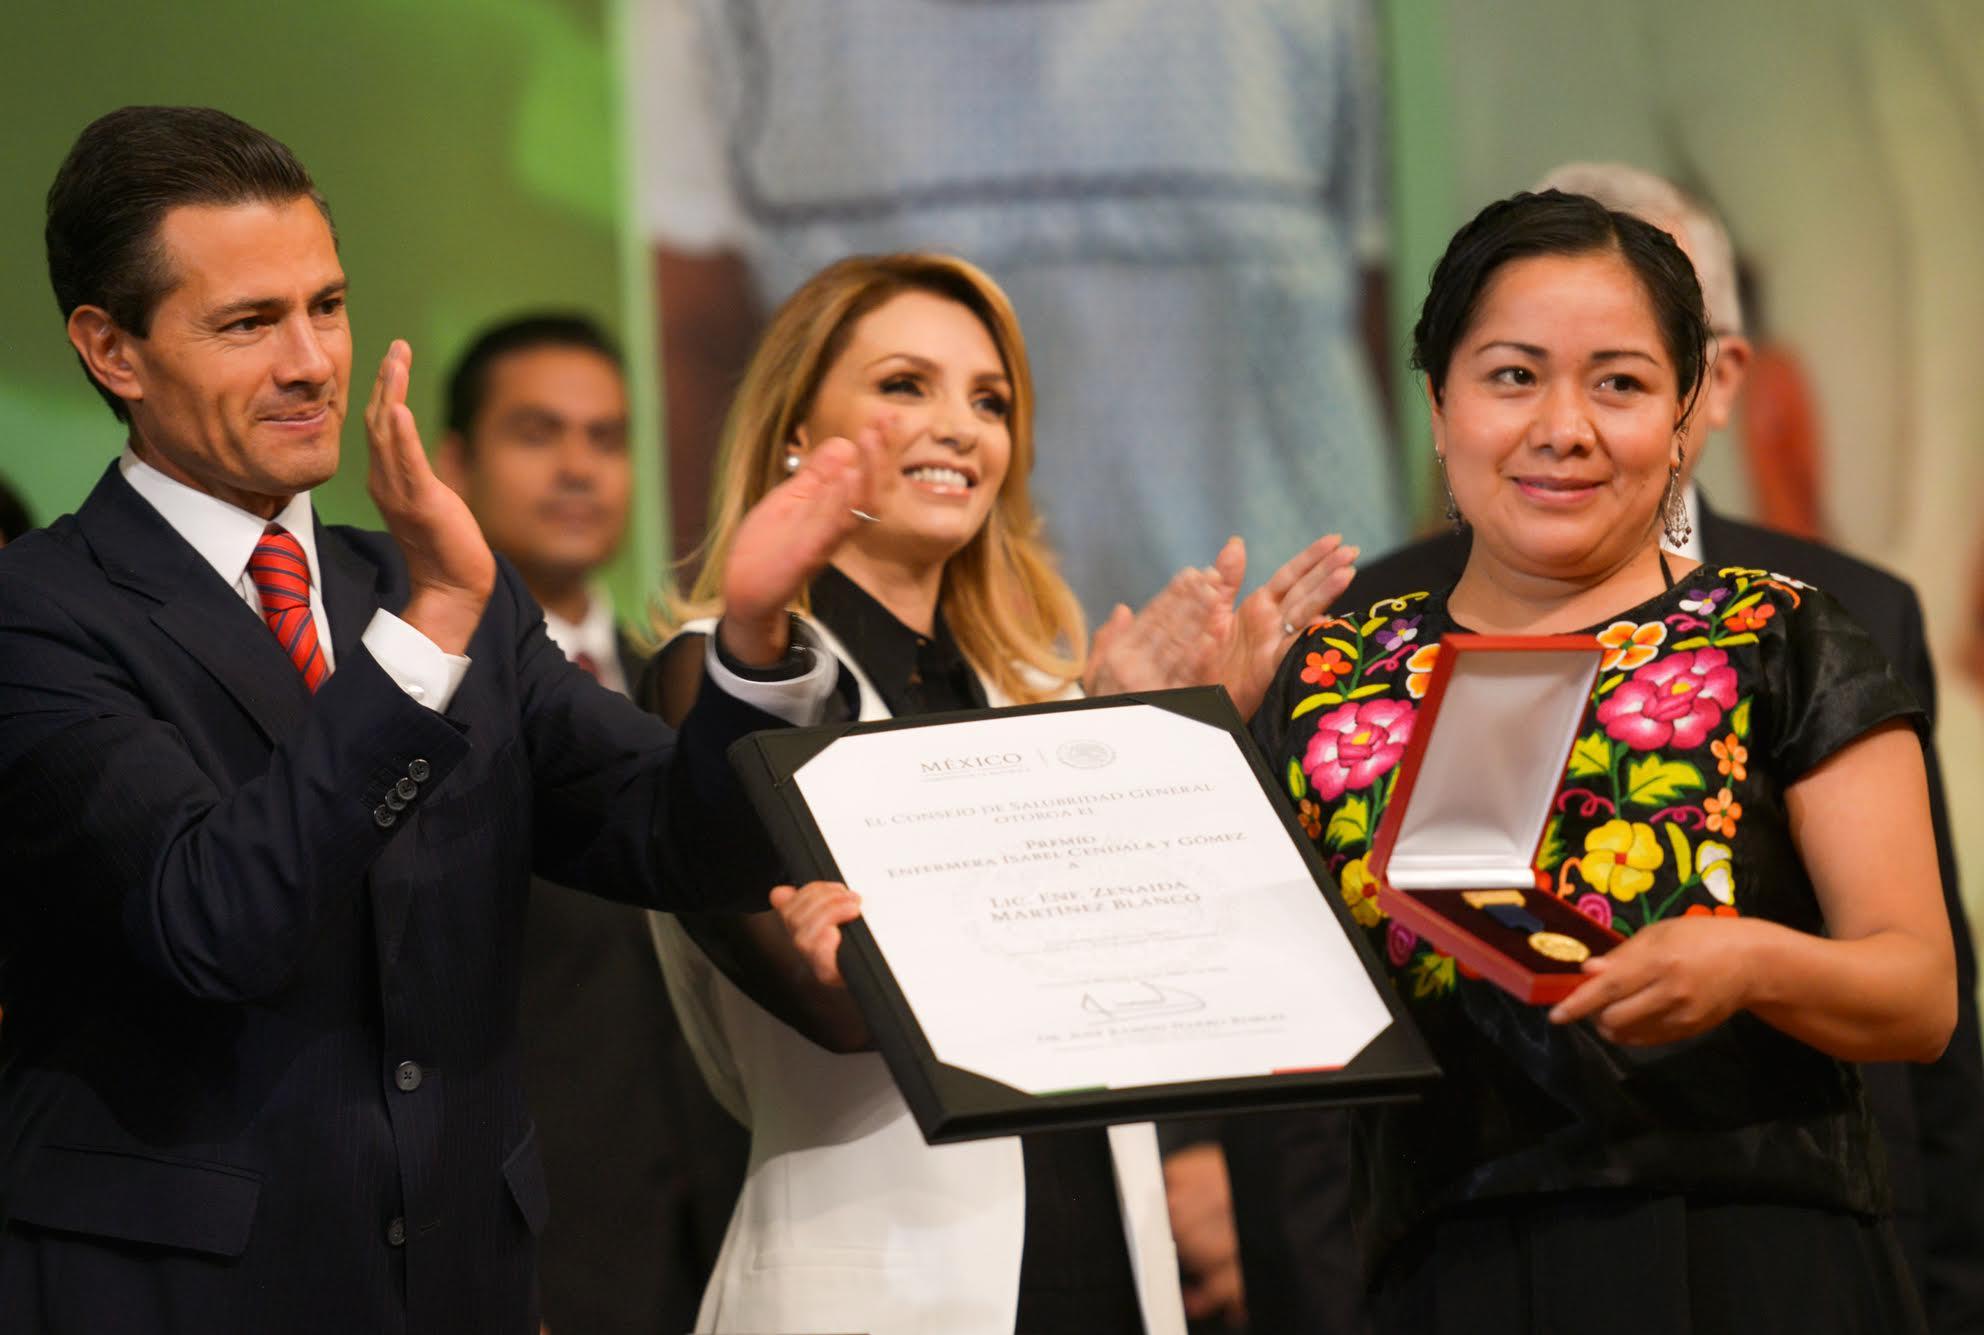 El Presidente Peña Nieto y su esposa, Angélica Rivera de Peña, entregan el reconocimiento a uno de los once mexicanos destacados en el sector salud en el año.